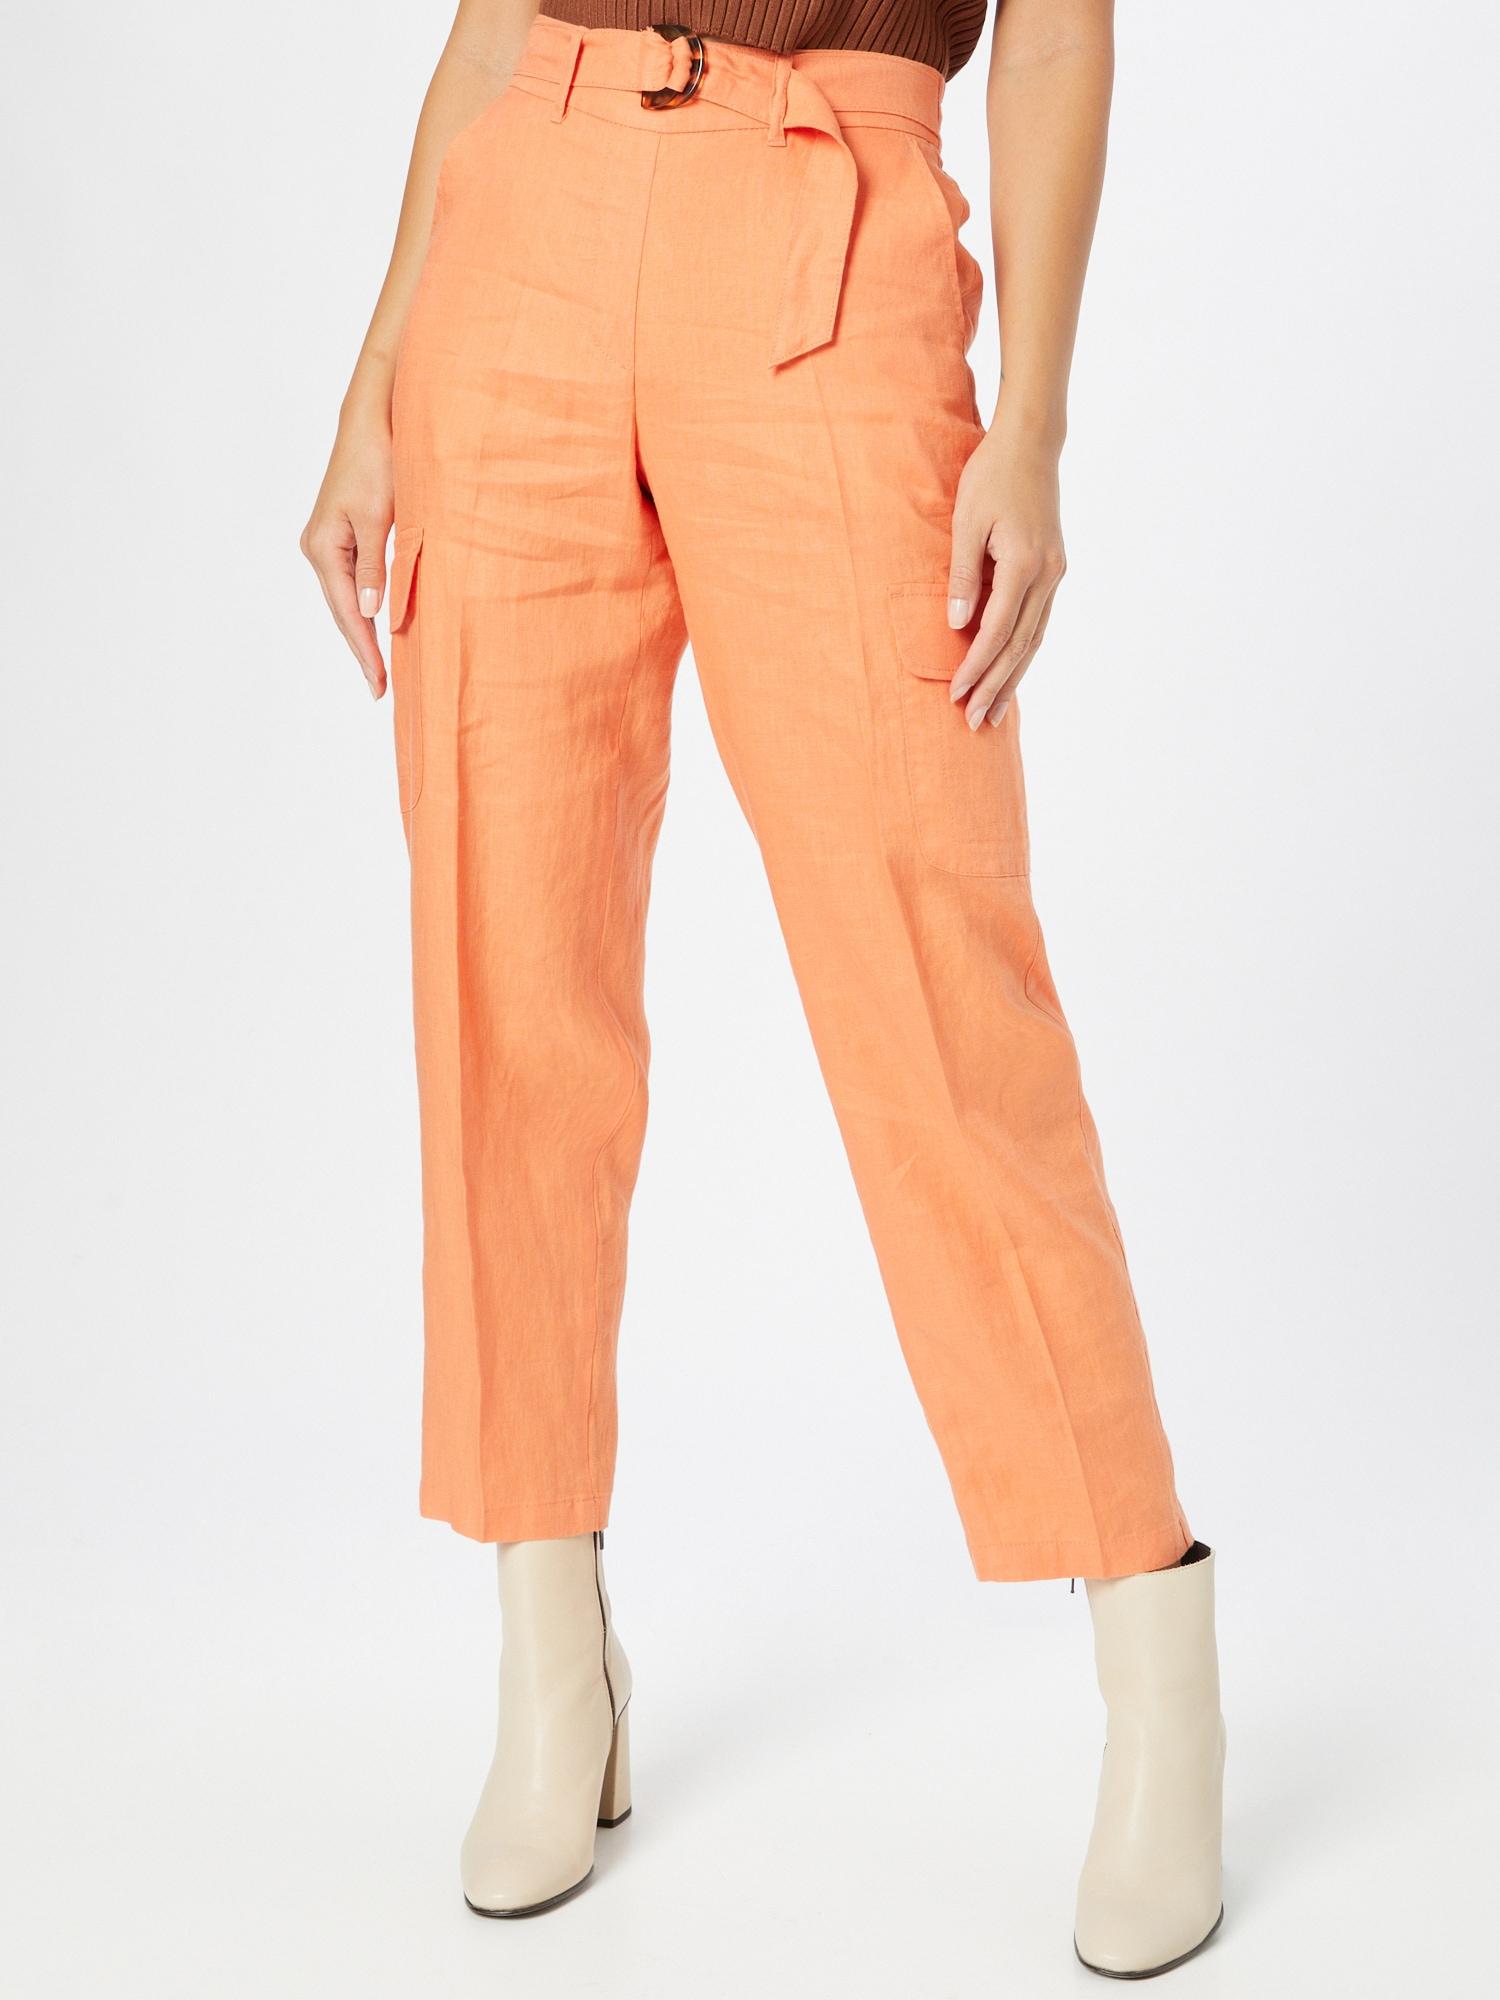 TAIFUN Nohavice  oranžová dámské 46